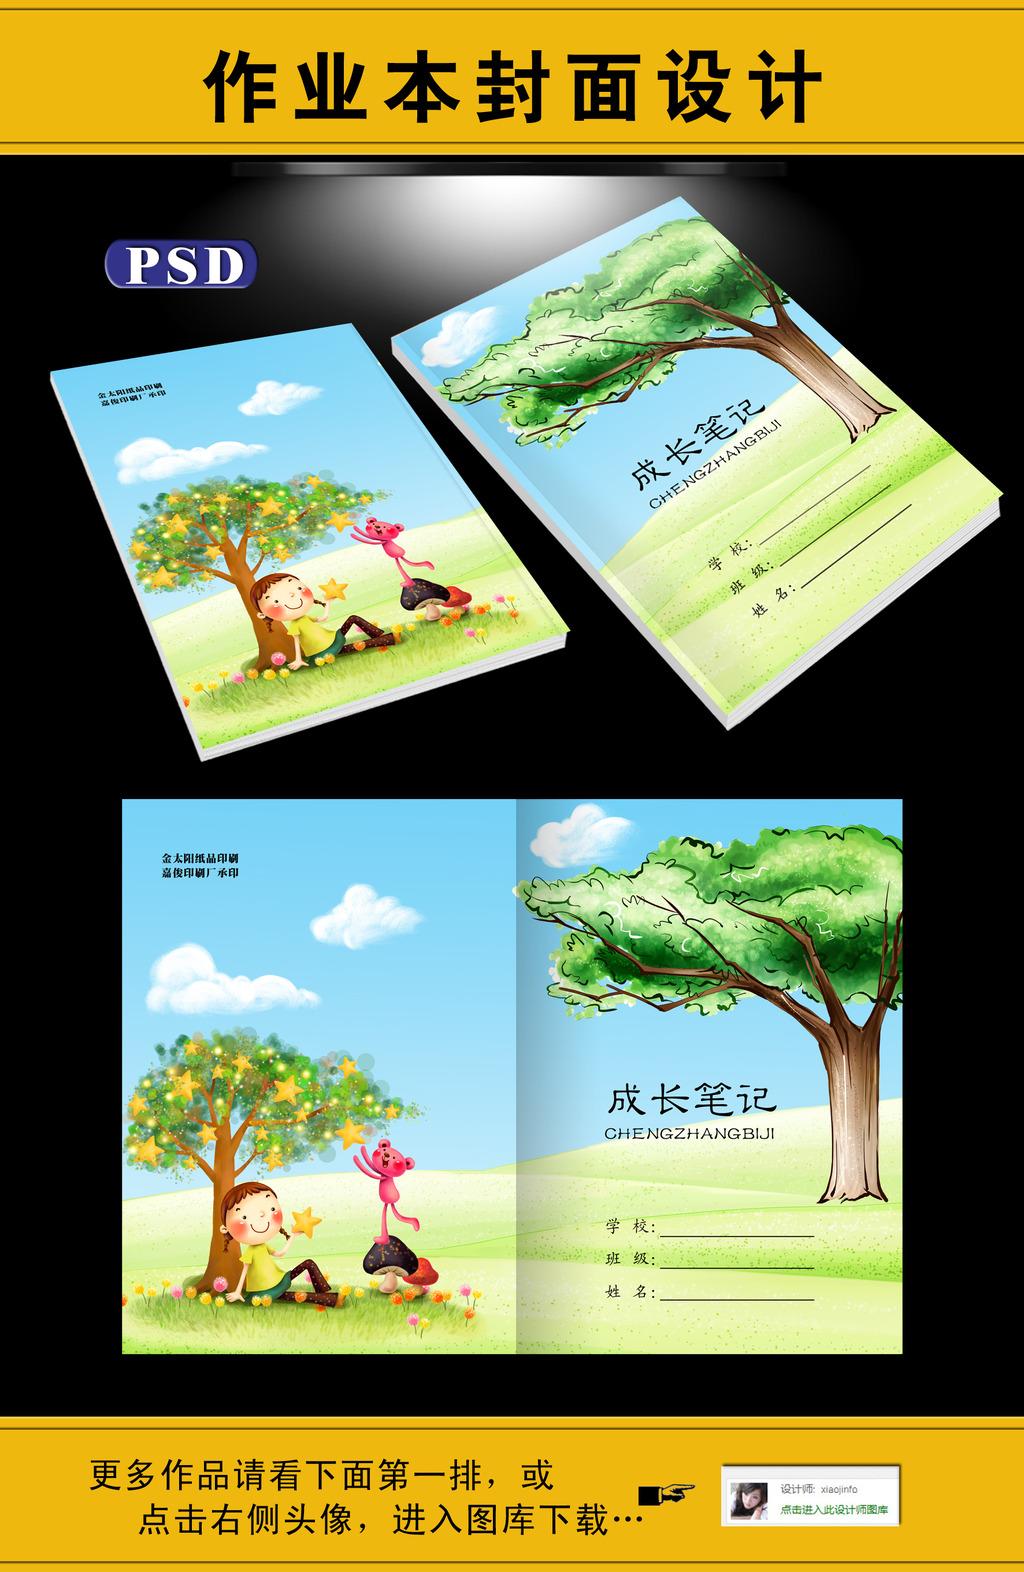 时尚笔记本封面图片下载 日记本 作业本 笔记本 本子封面 韩国素材